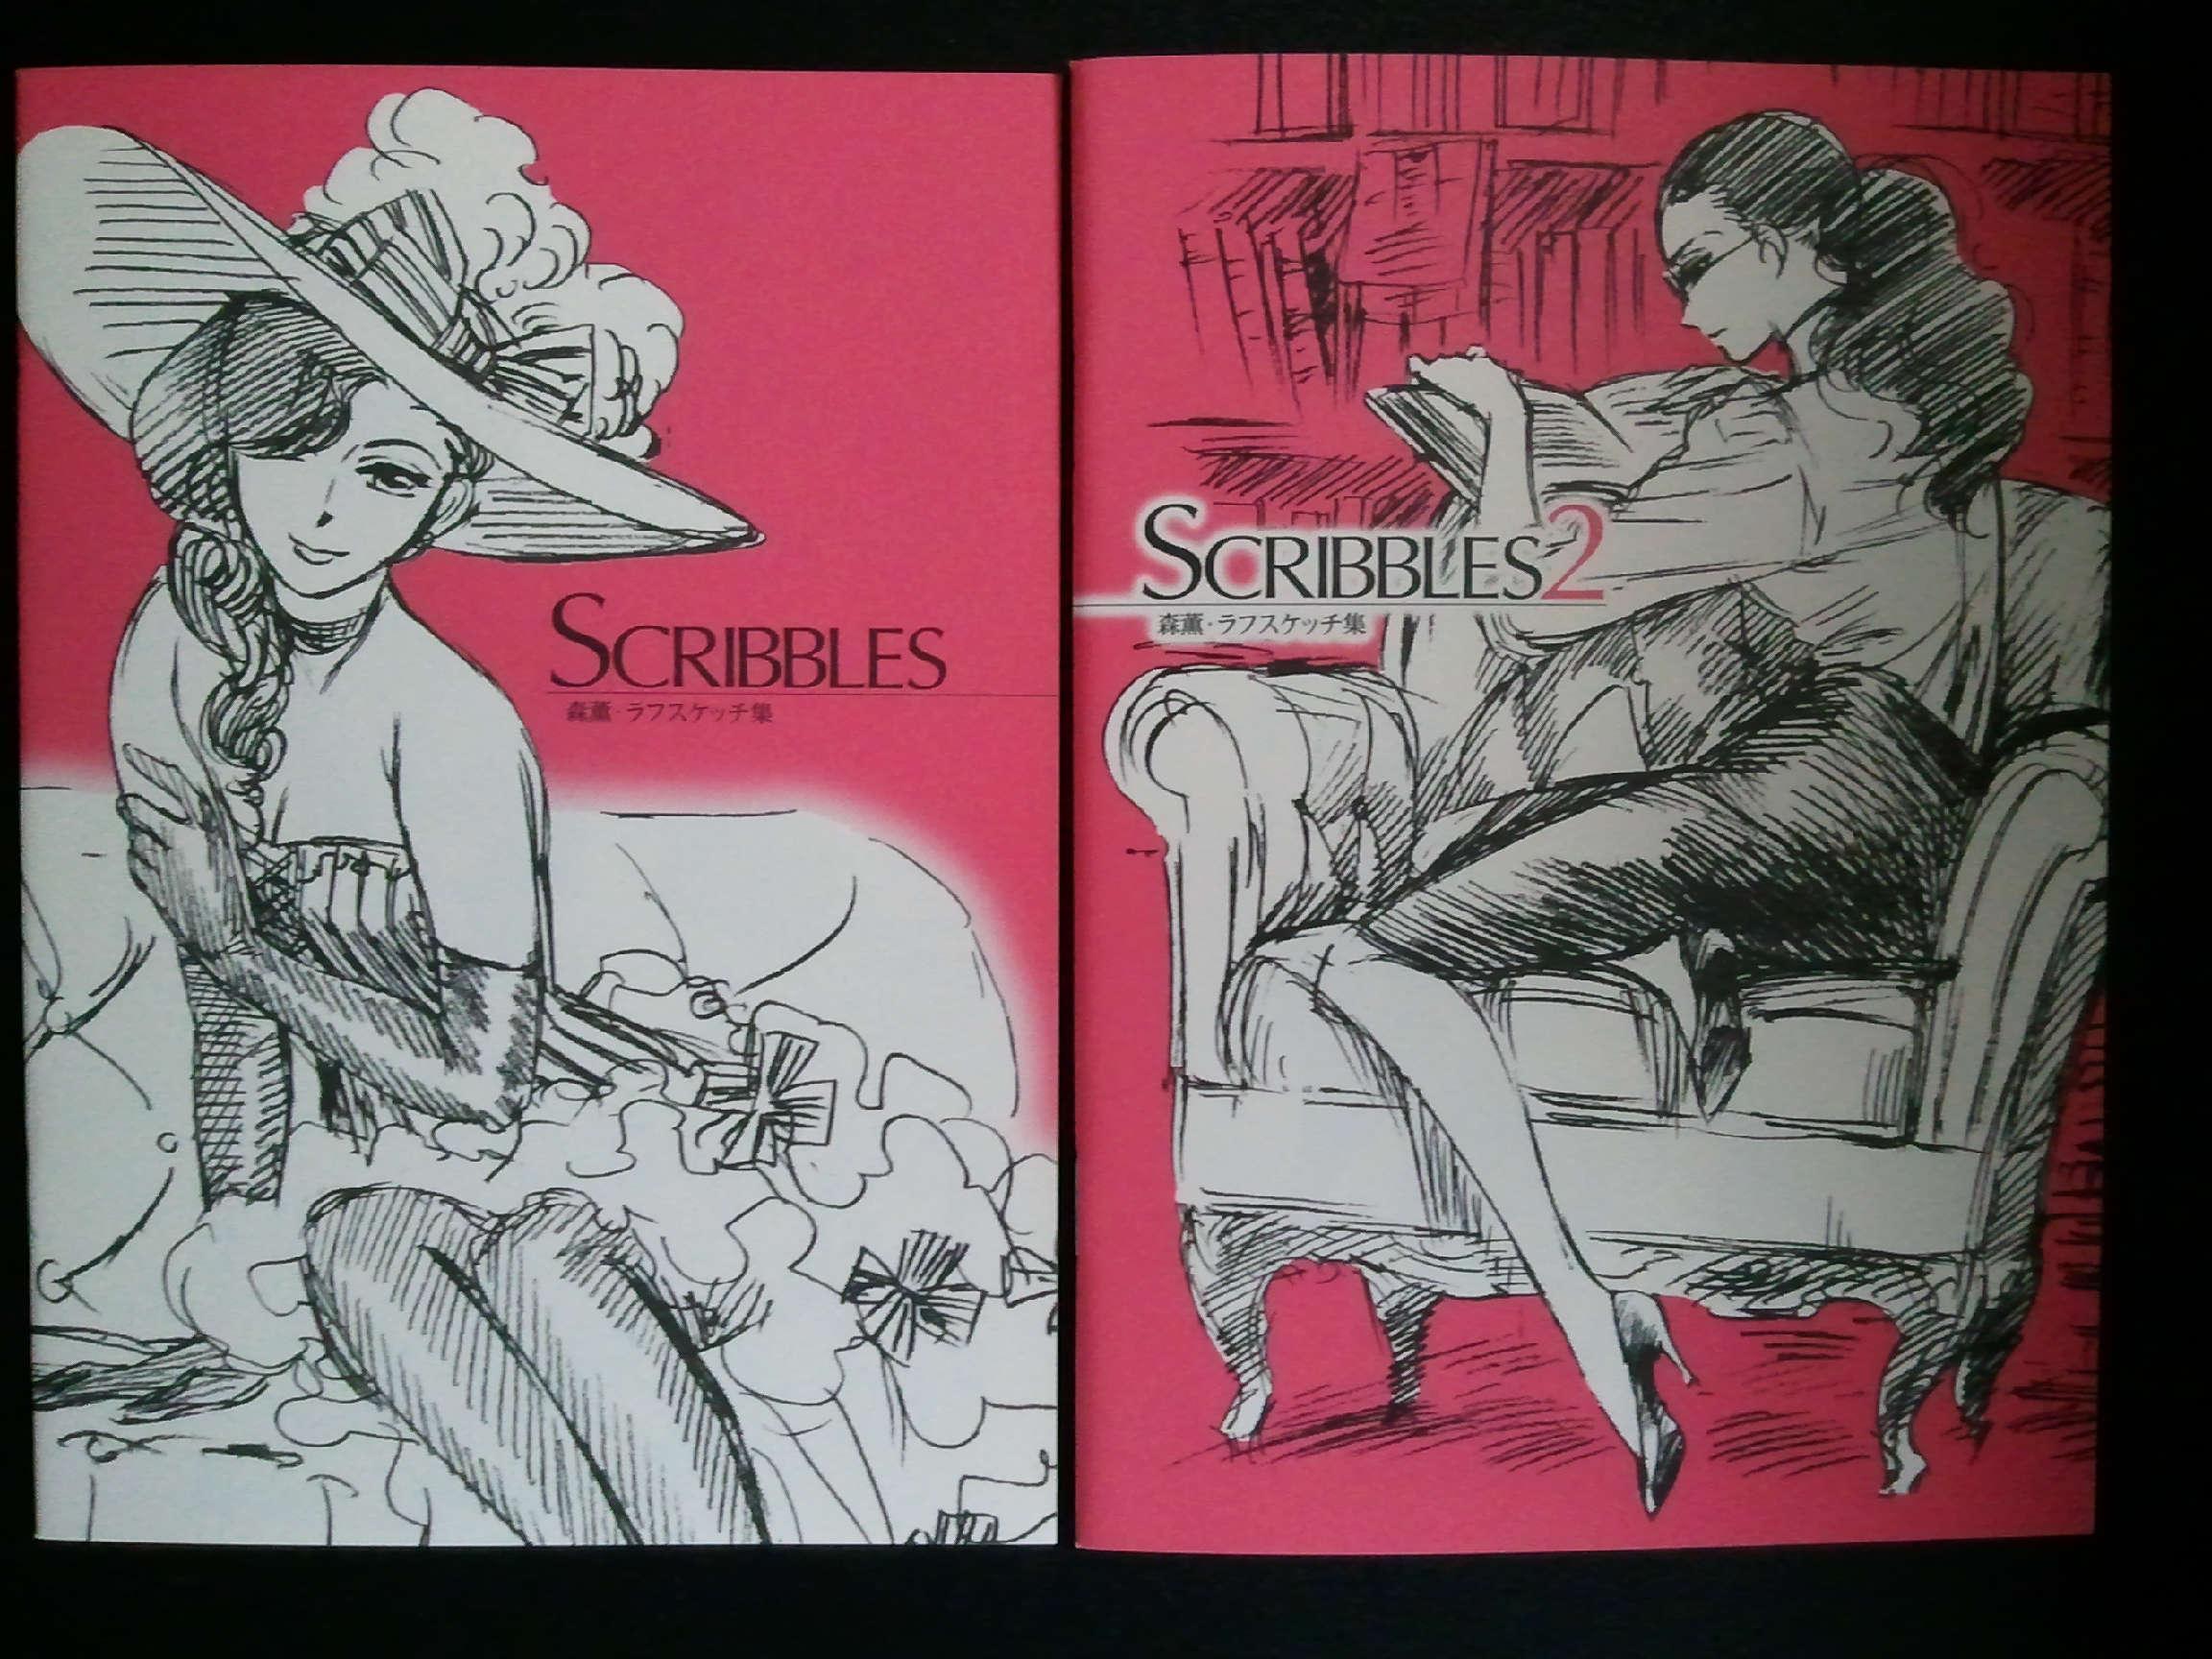 森薫 ラフスケッチ集 Scribbles 1 & 2